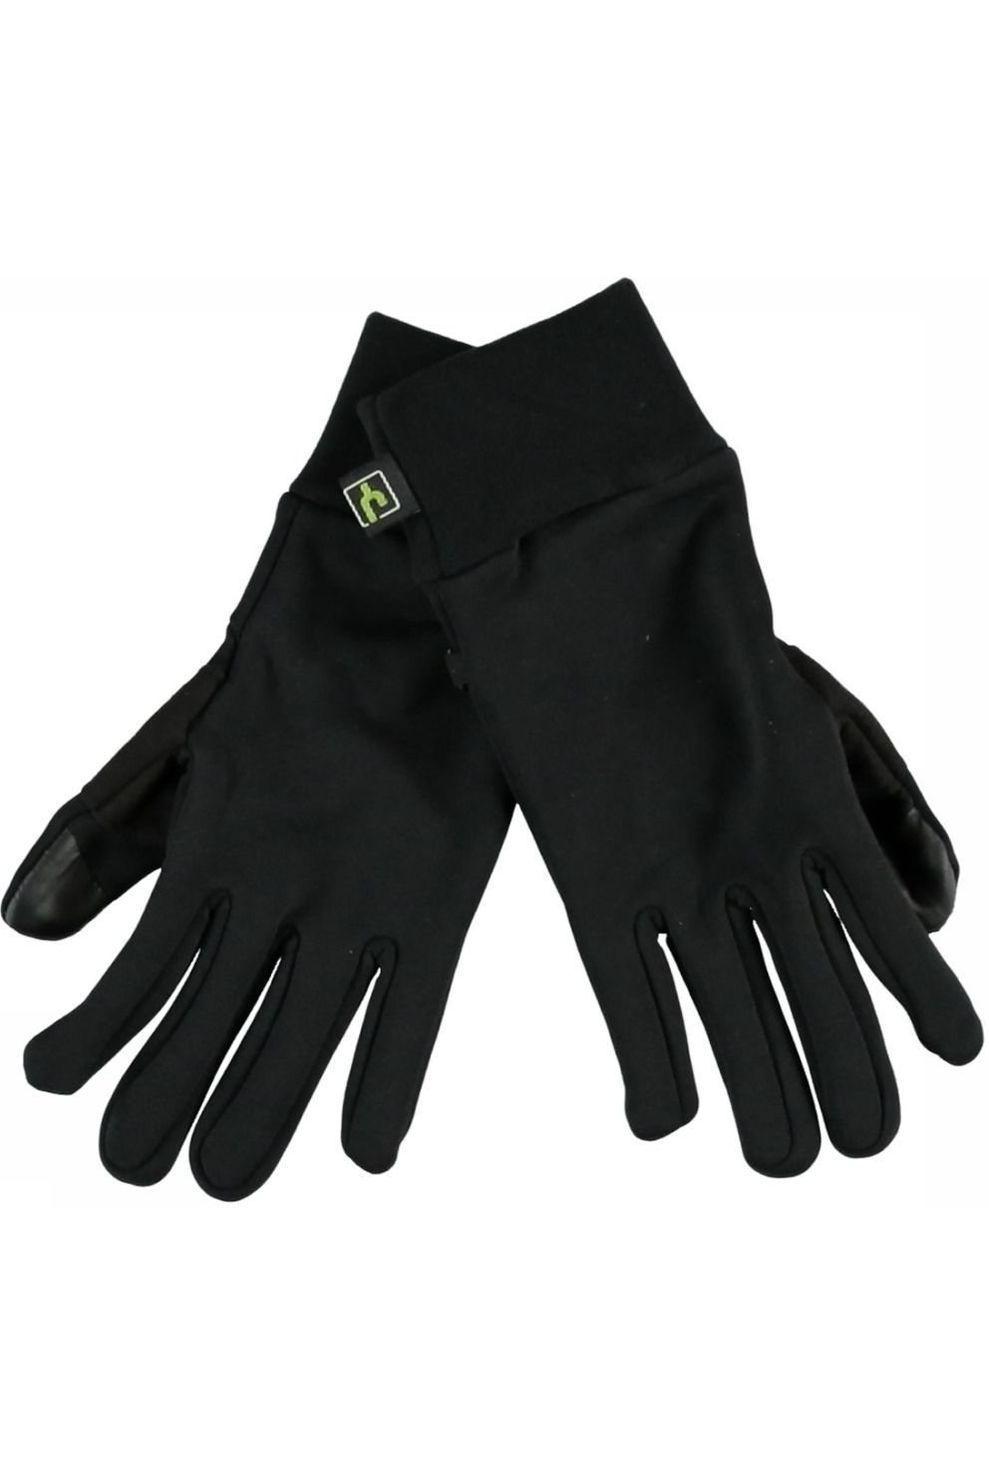 Ayacucho Handschoen T-Strech Glove With E-Tip - Zwart - Maten: S, M, L, XL